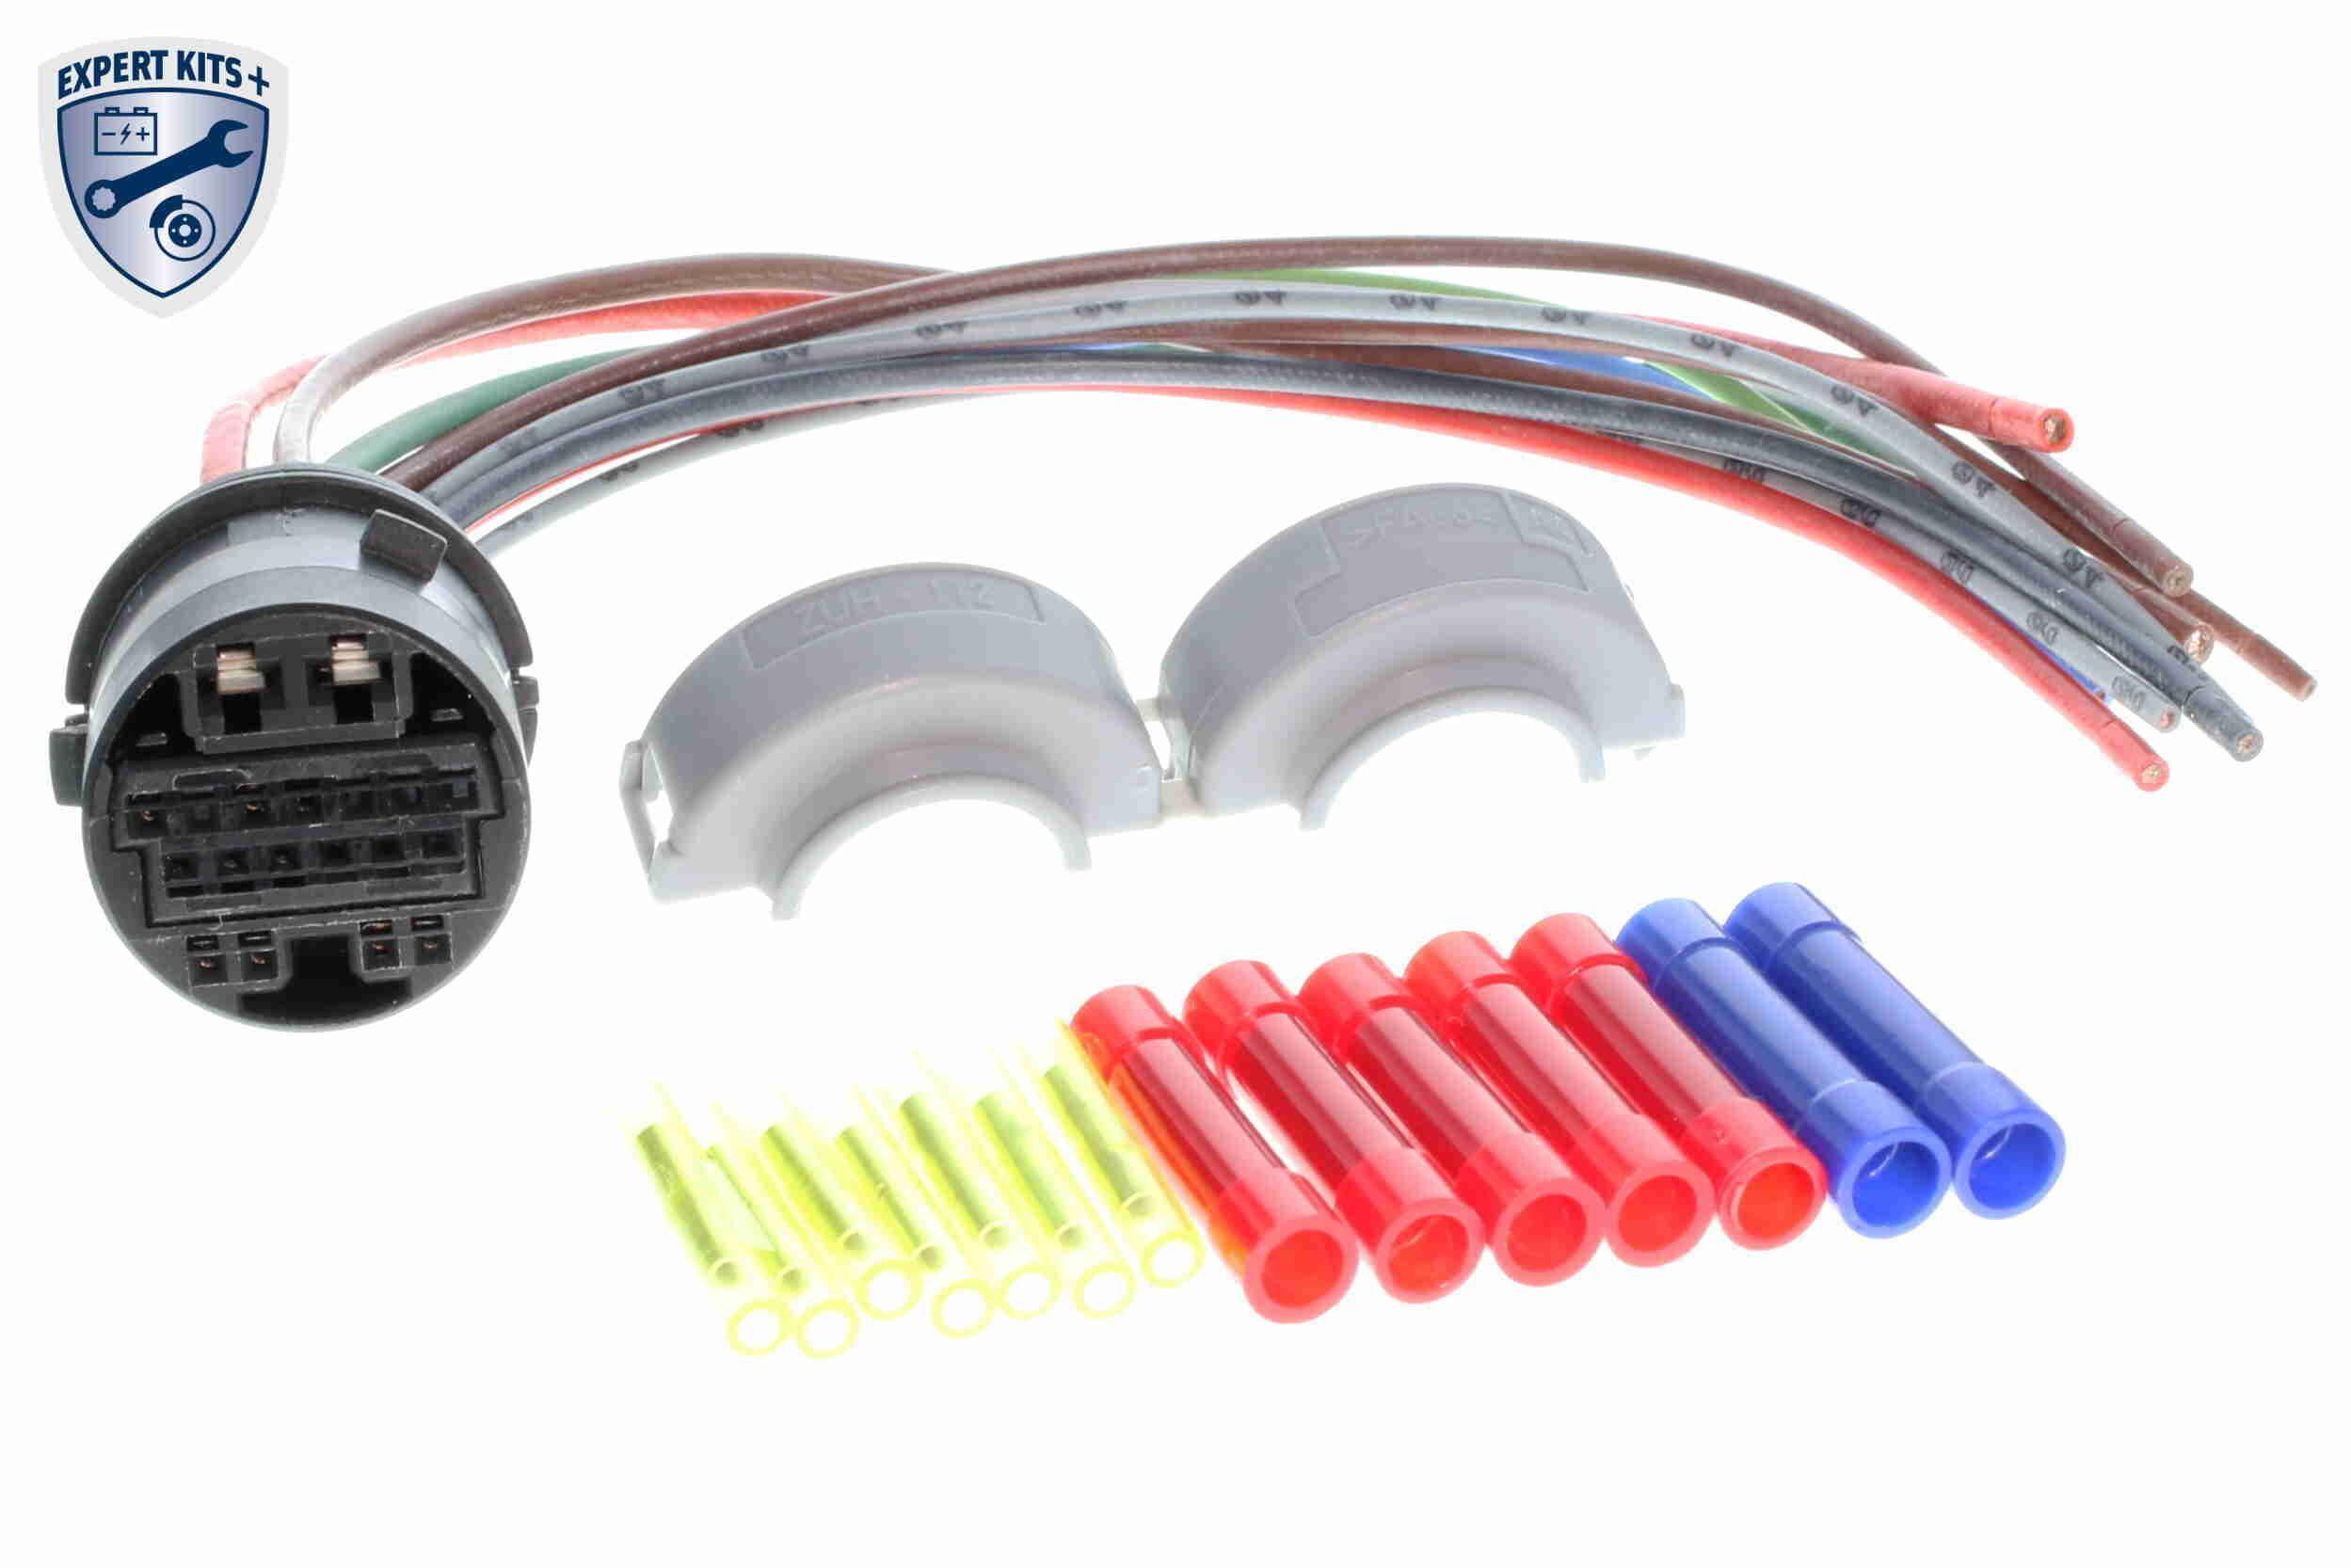 Kábelkészlet V40-83-0010 - vásároljon bármikor